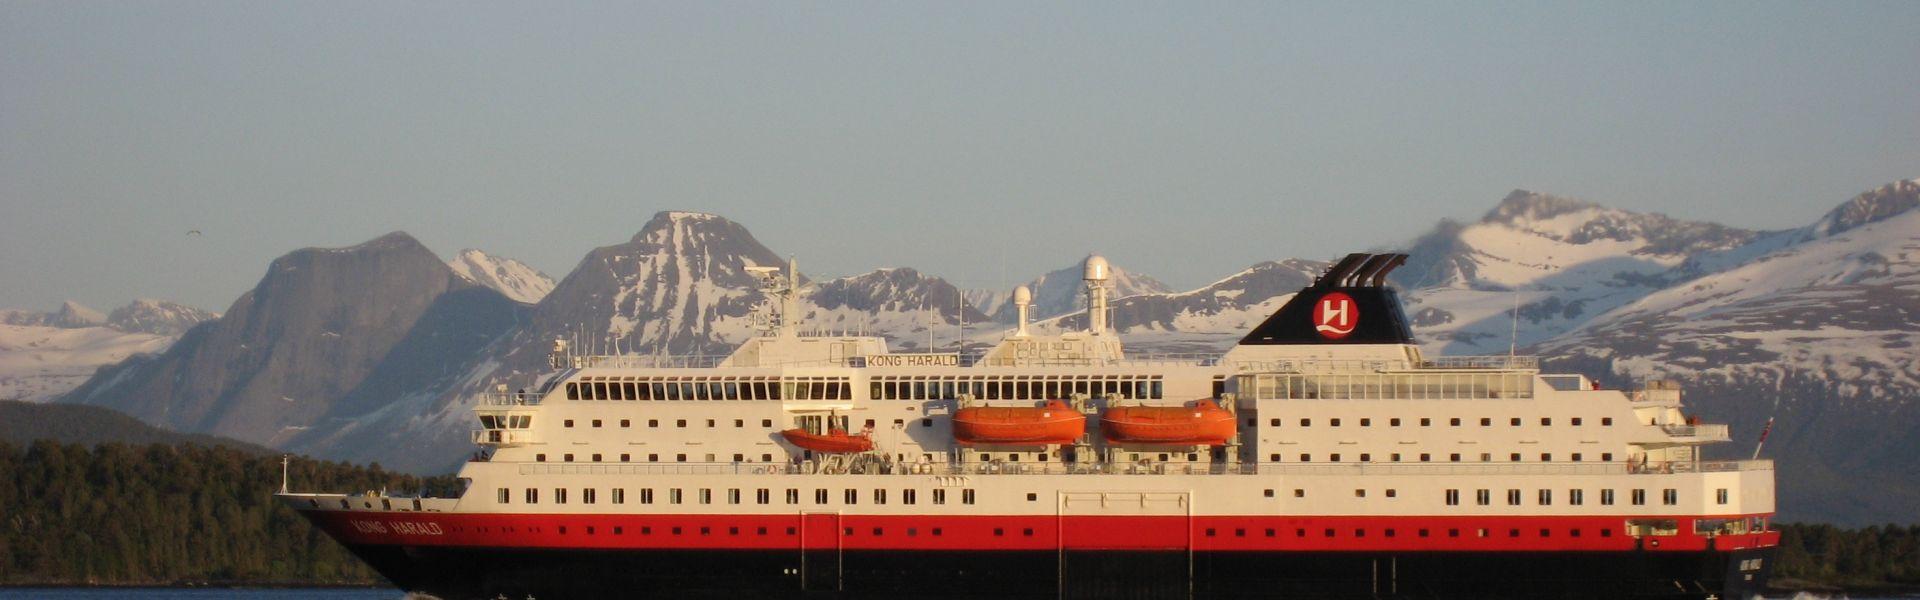 Croaziera 2017 - Scandinavia si Fiordurile Norvegiene (Bergen) - Hurtigruten - MS Kong Harald - 11 nopti